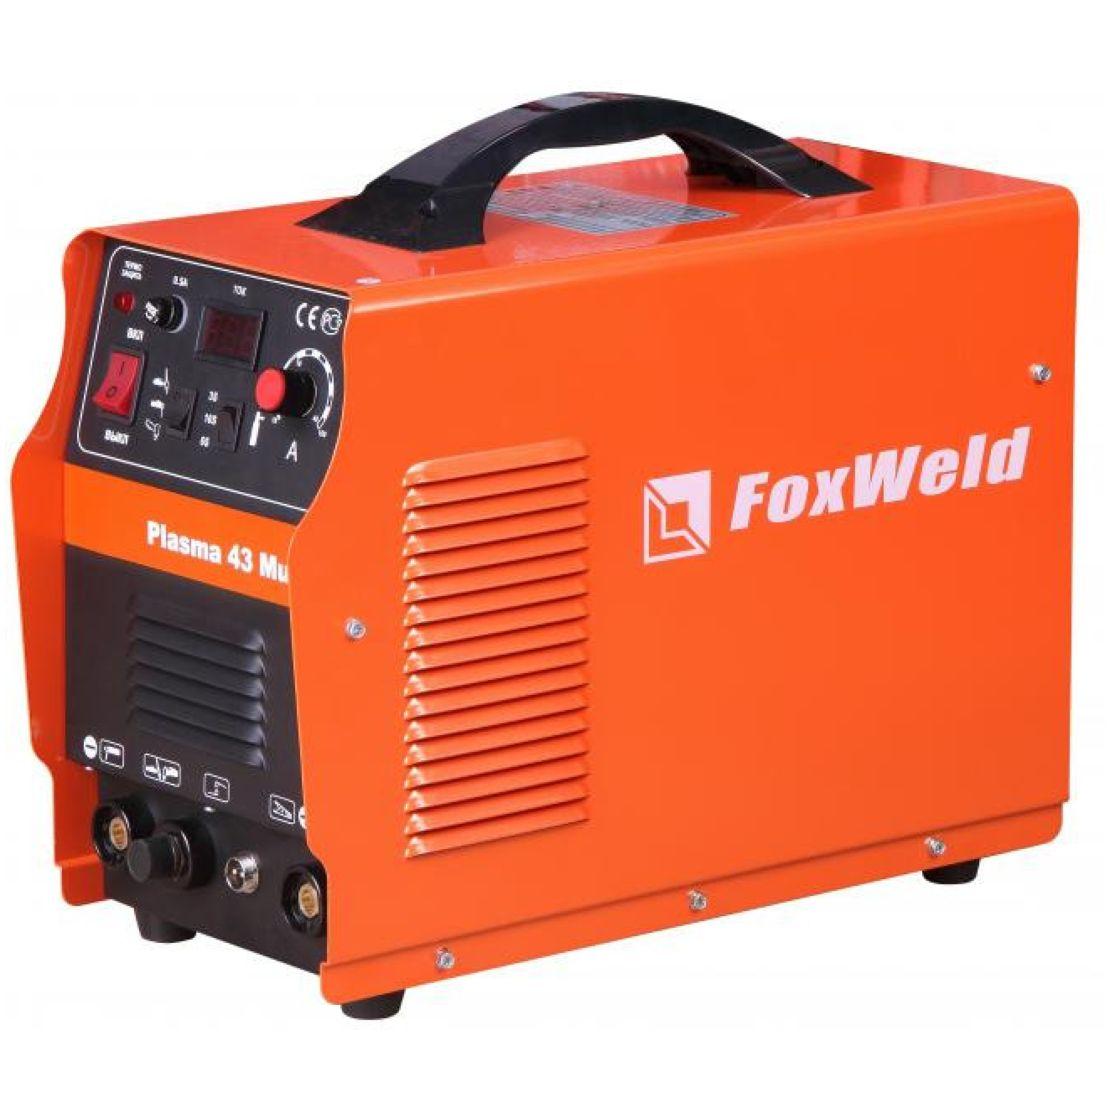 Универсальный сварочный аппарат FOXWELD PLASMA 43 Multi